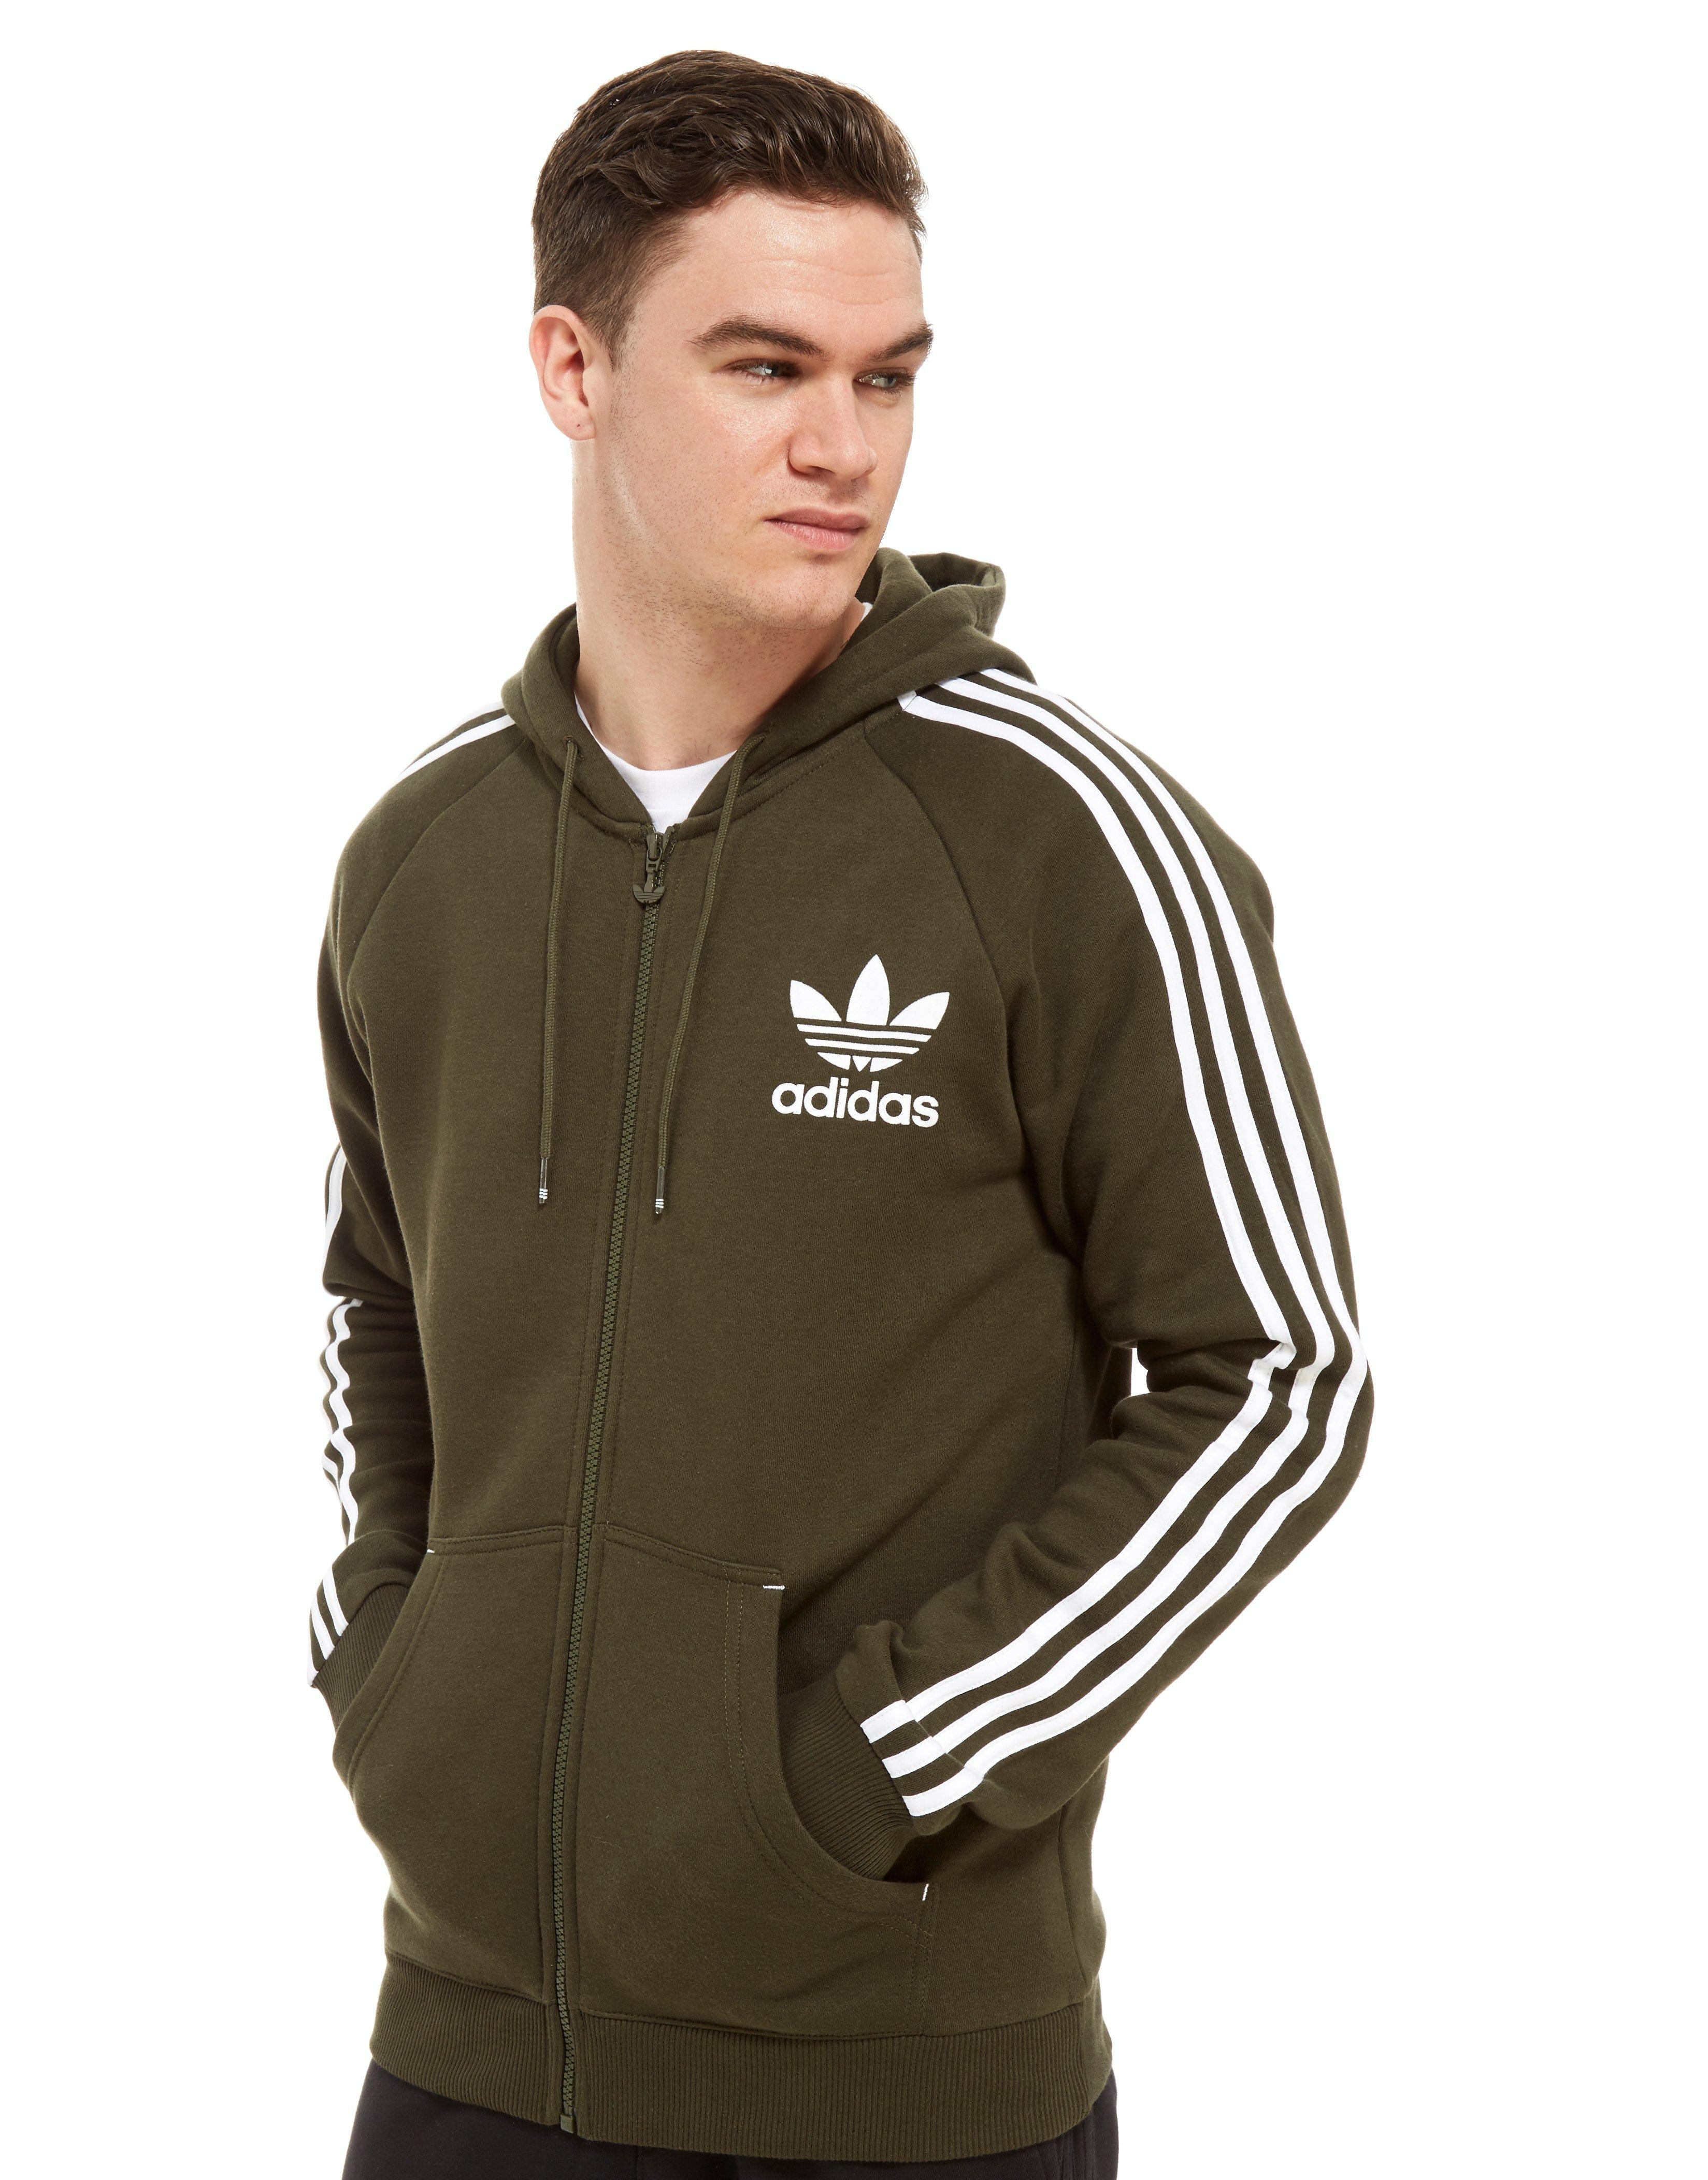 88b95d253935 adidas Originals California Full Zip Hoodie in Green for Men - Lyst